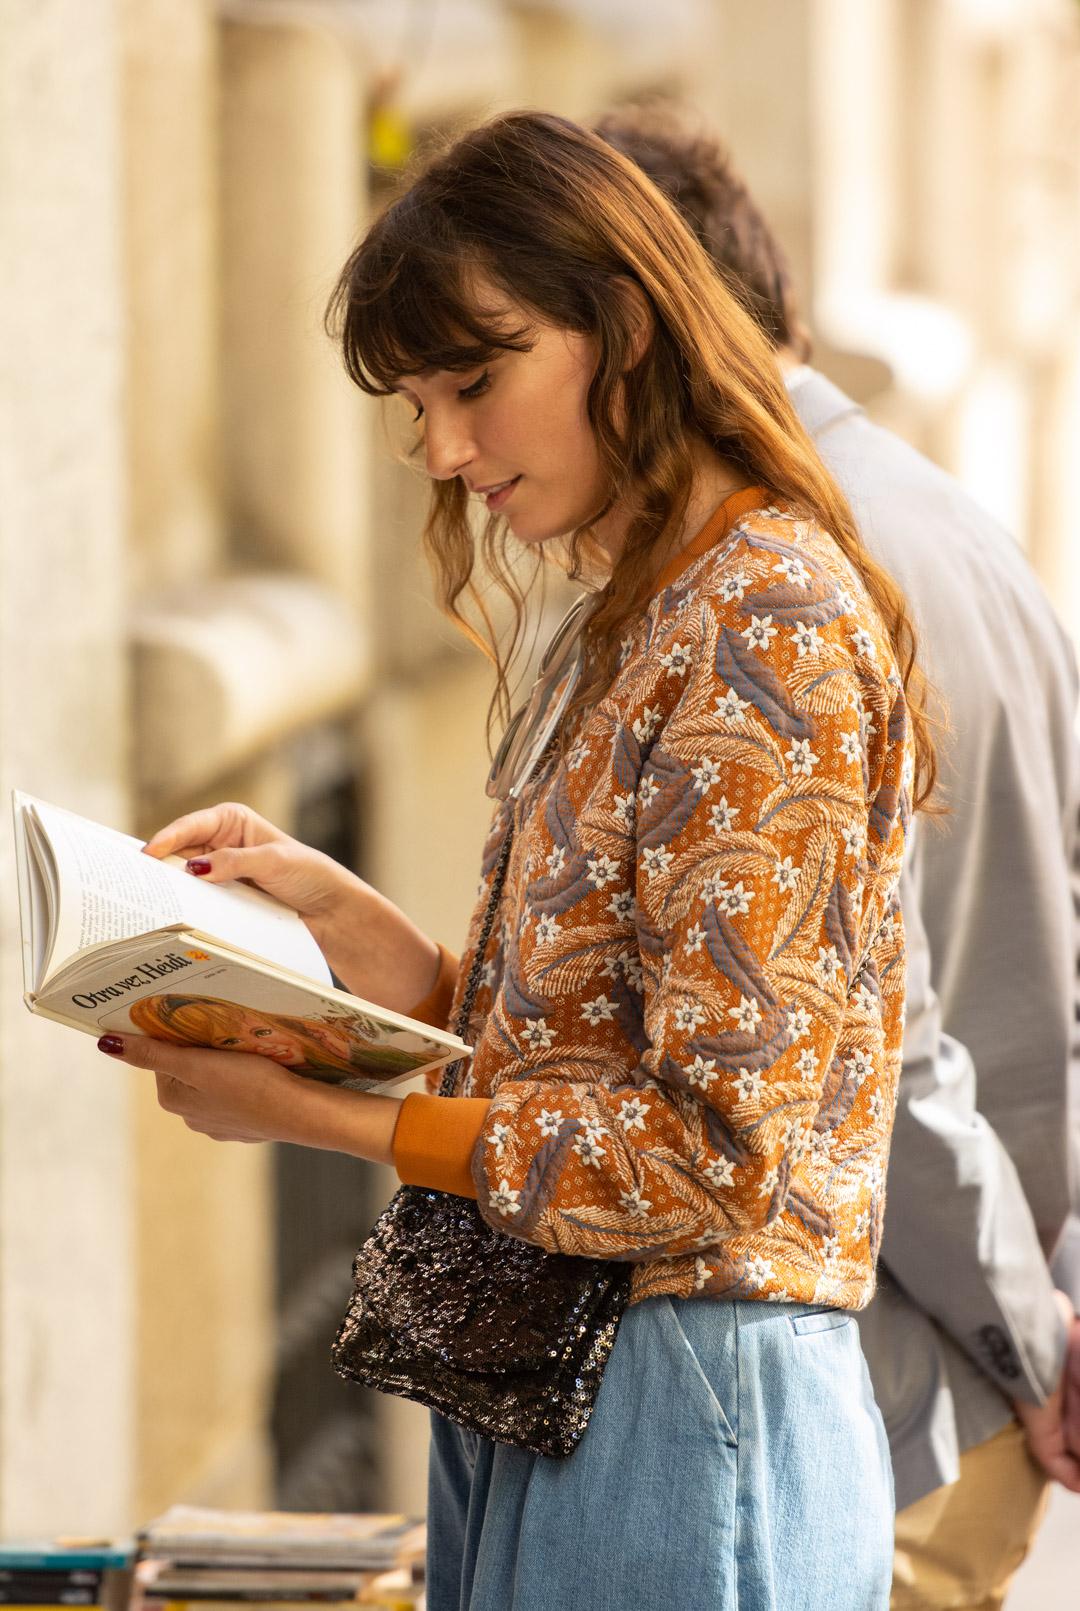 la-libreria-street-style-mayte-de-la-igleisa-01